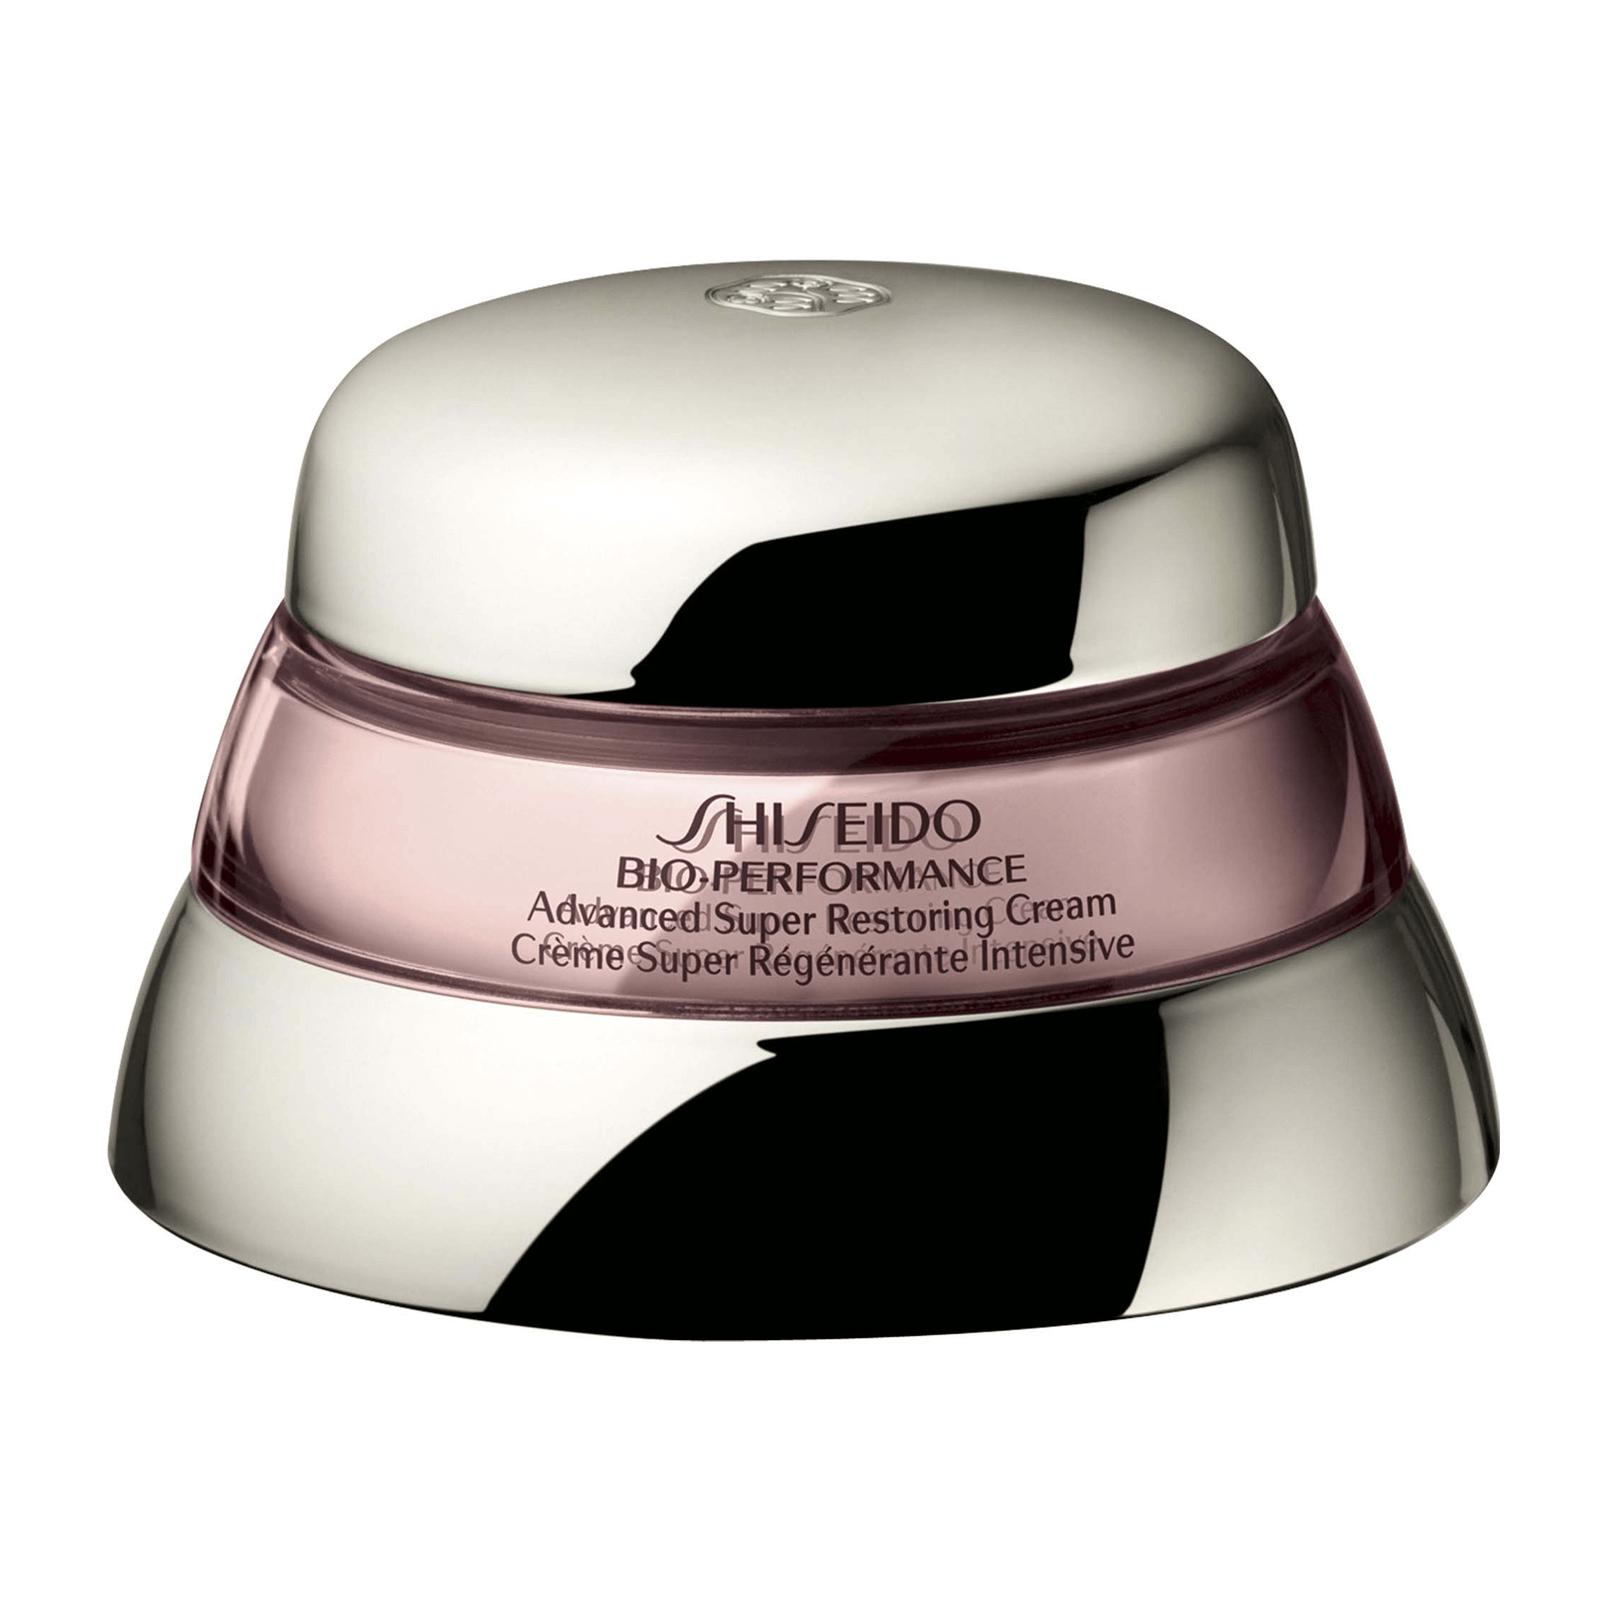 Kem chống lão hóa Shiseido Bio-Performance Advanced Super Restoring Cream